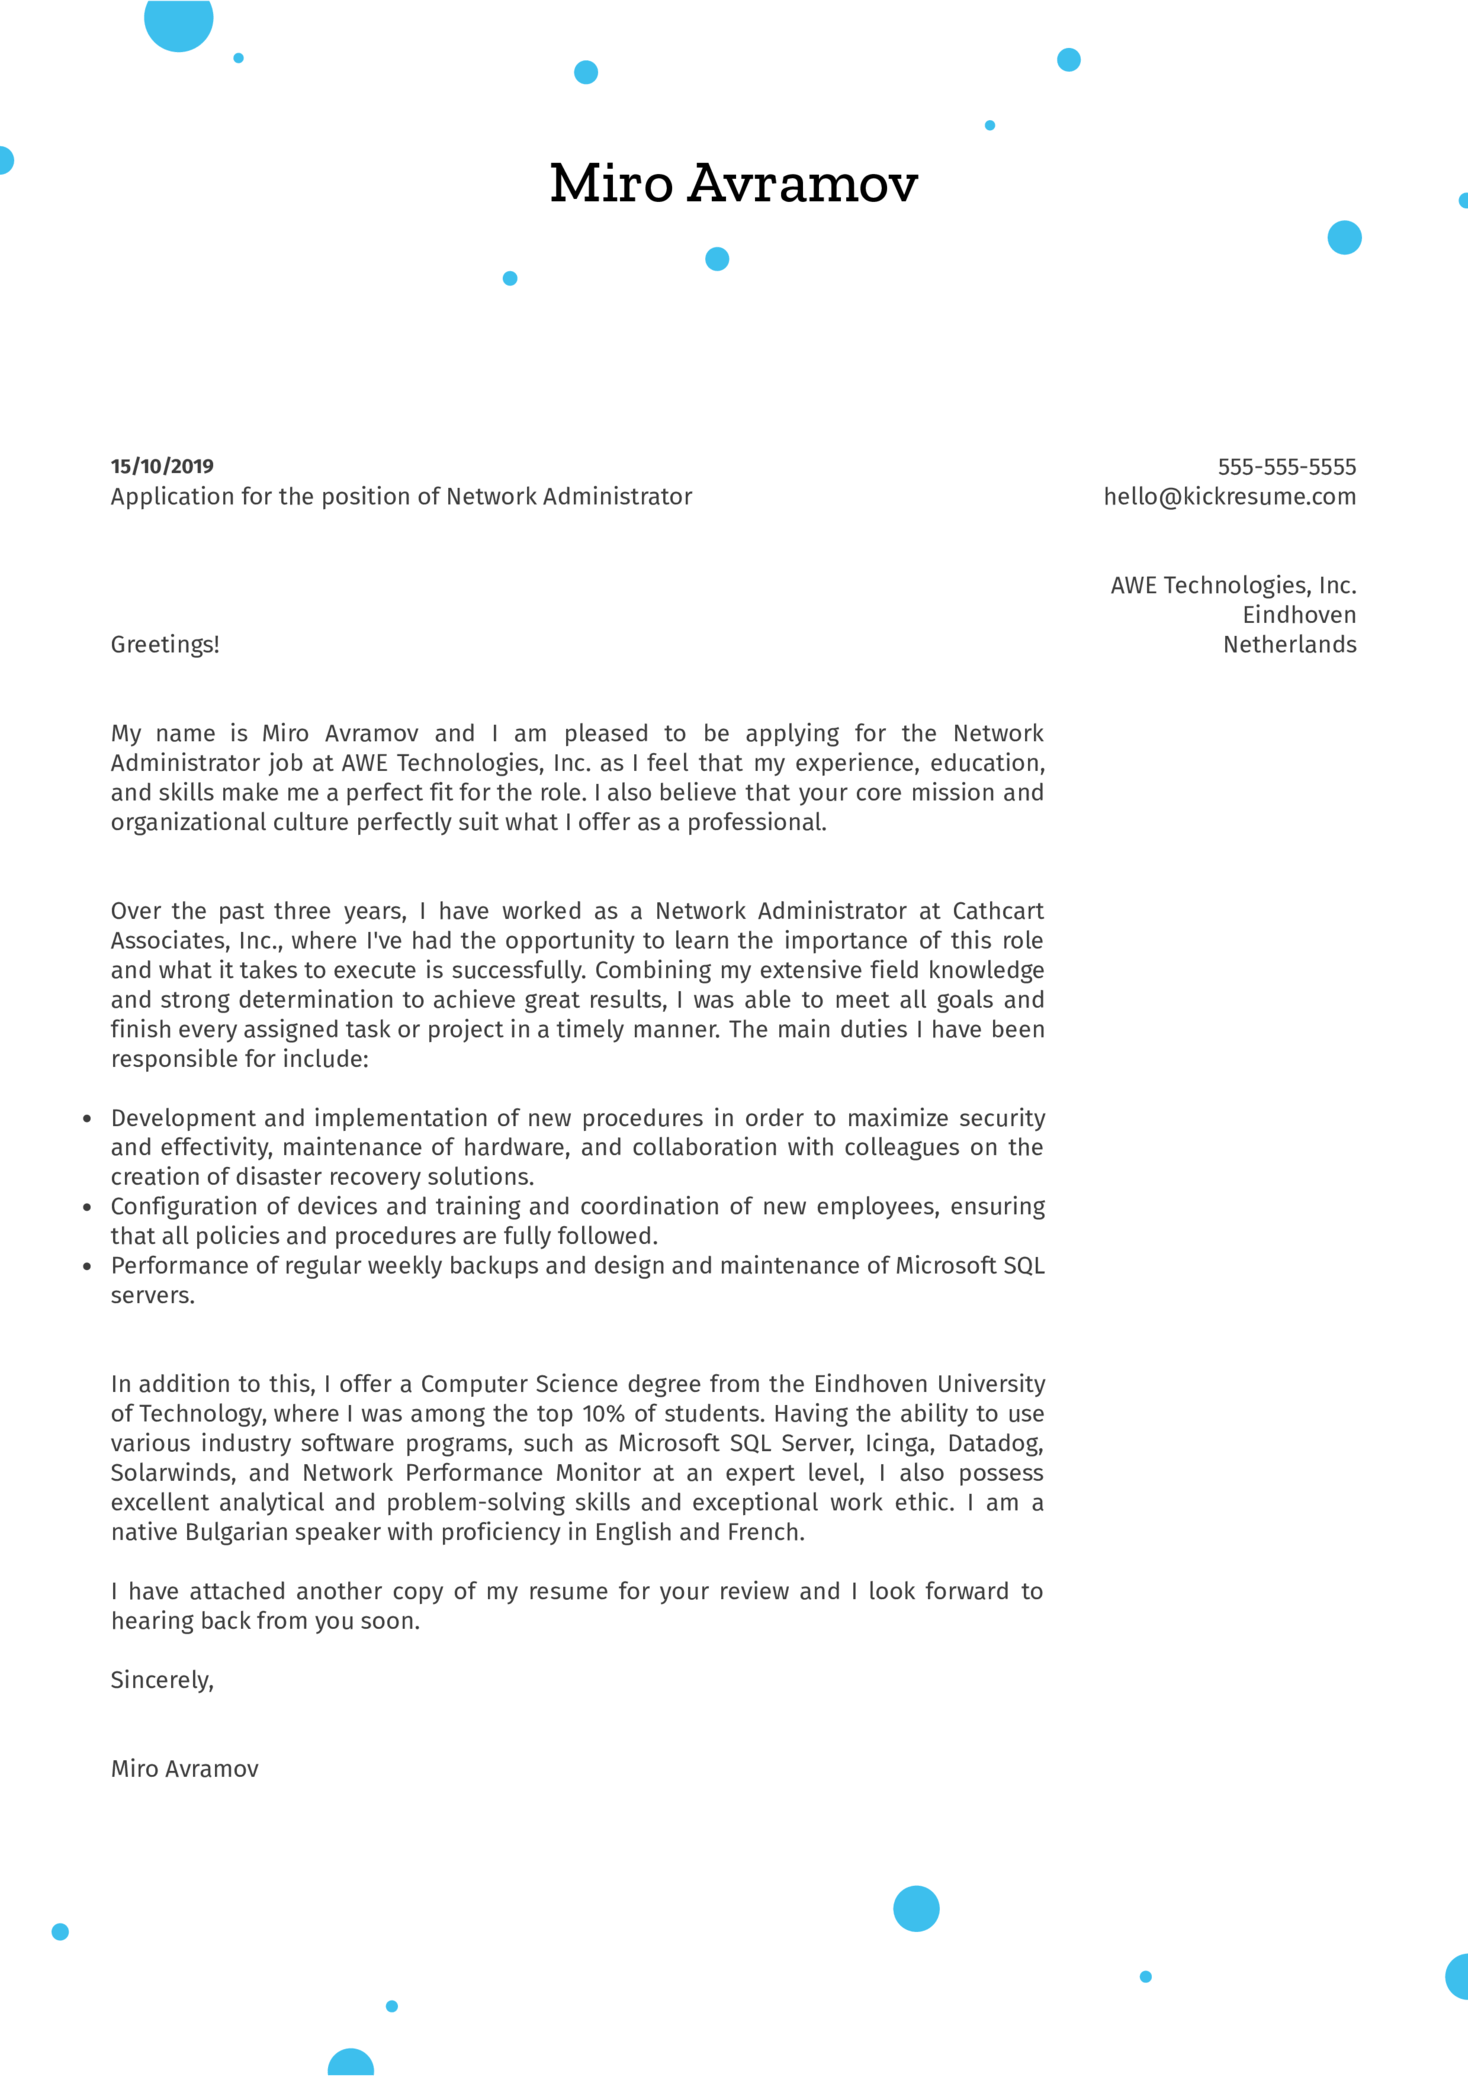 Network Administrator Cover Letter Sample